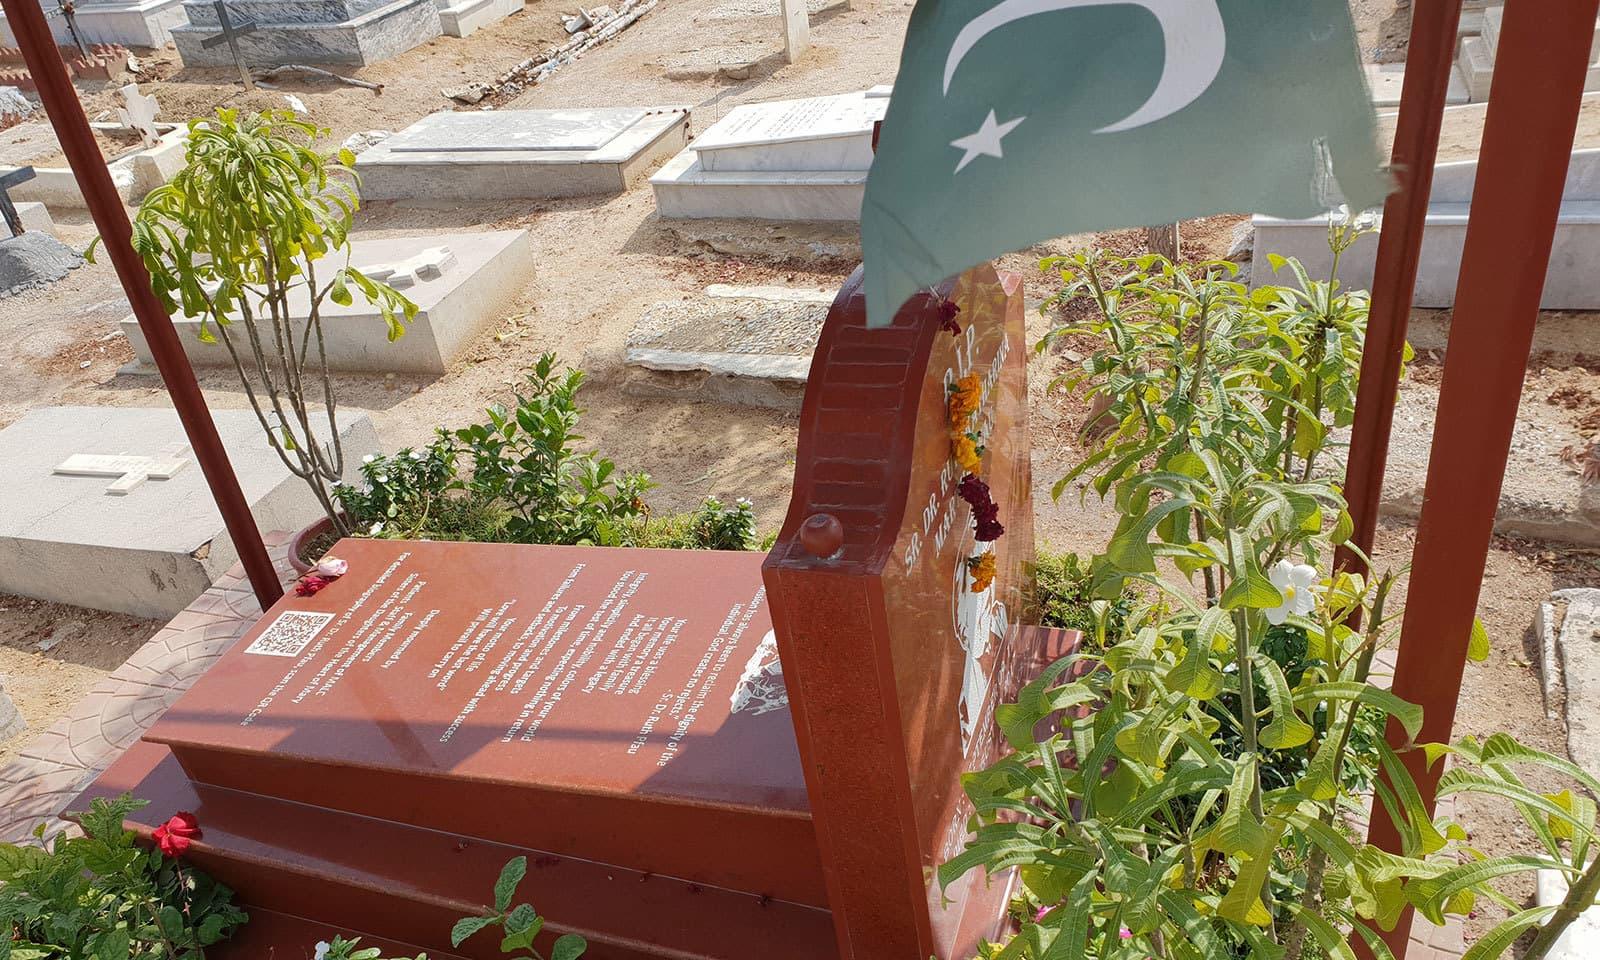 ٹیکنالوجی کا استعمال،ڈاکٹر رتھ فاؤ کی ڈیجیٹل قبر